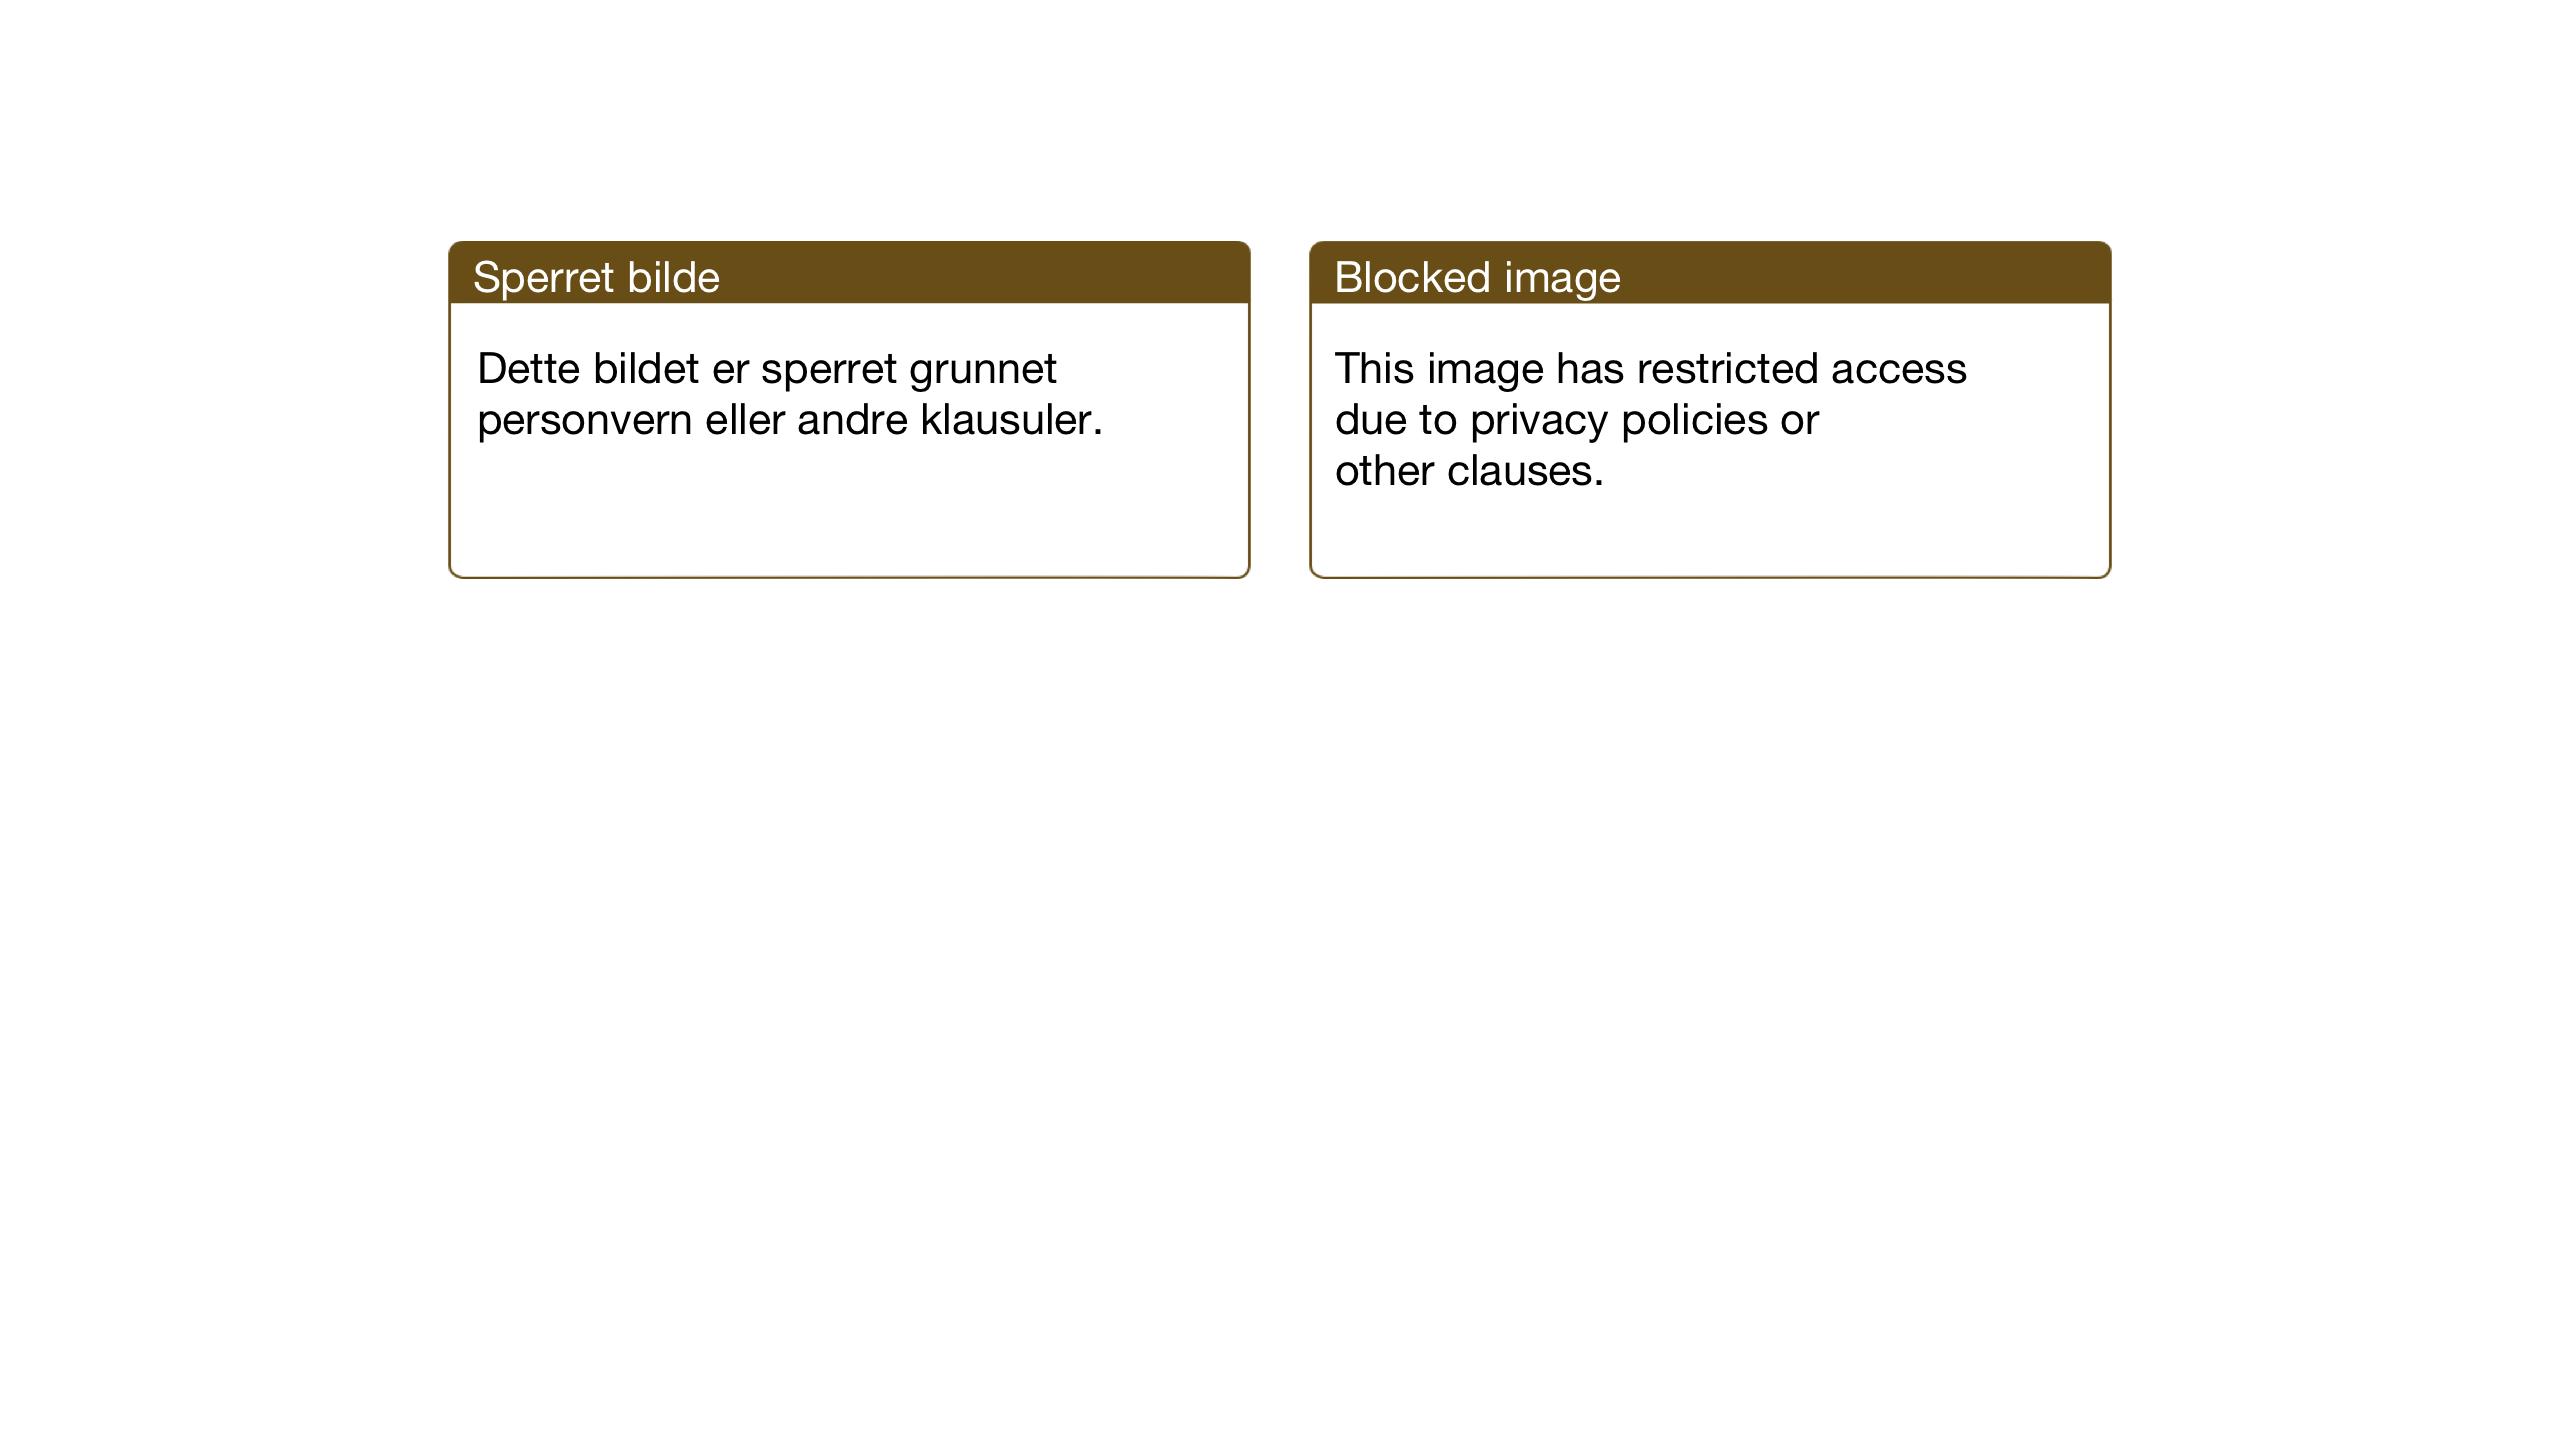 SAT, Ministerialprotokoller, klokkerbøker og fødselsregistre - Sør-Trøndelag, 602/L0151: Klokkerbok nr. 602C19, 1925-1951, s. 134